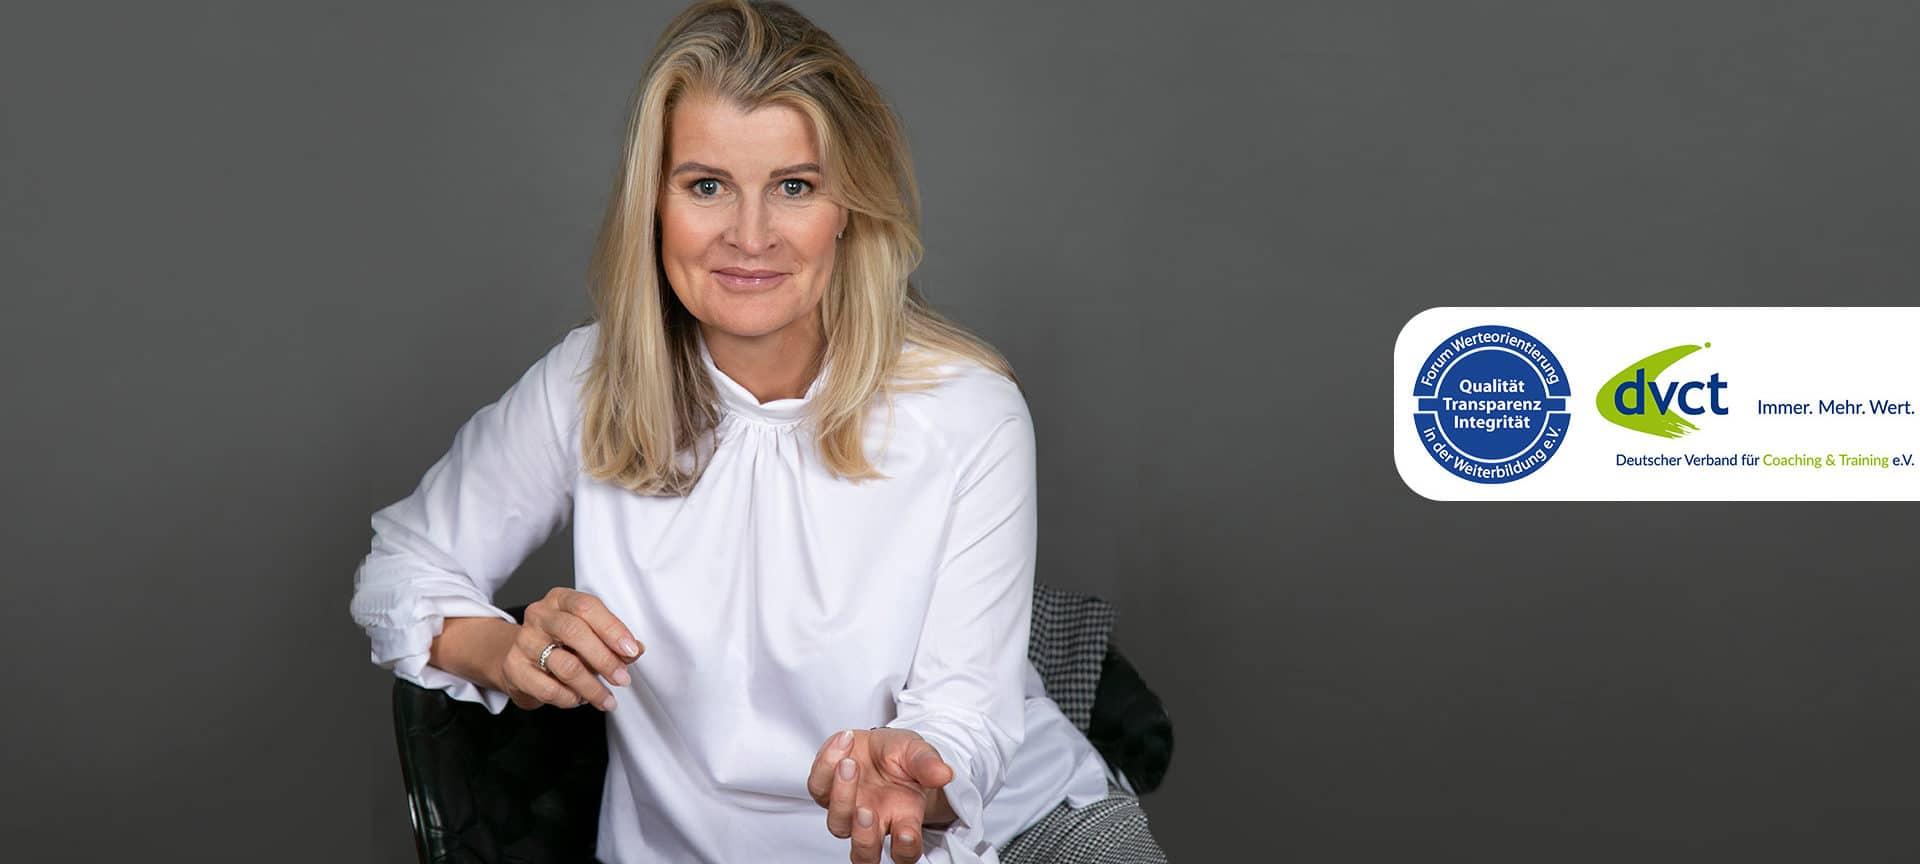 Petra Peinemann Profilbild - Coaching, Forum Werteorientierung in der Weiterbildung und Deutscher Verband für Coaching & Training e.V.